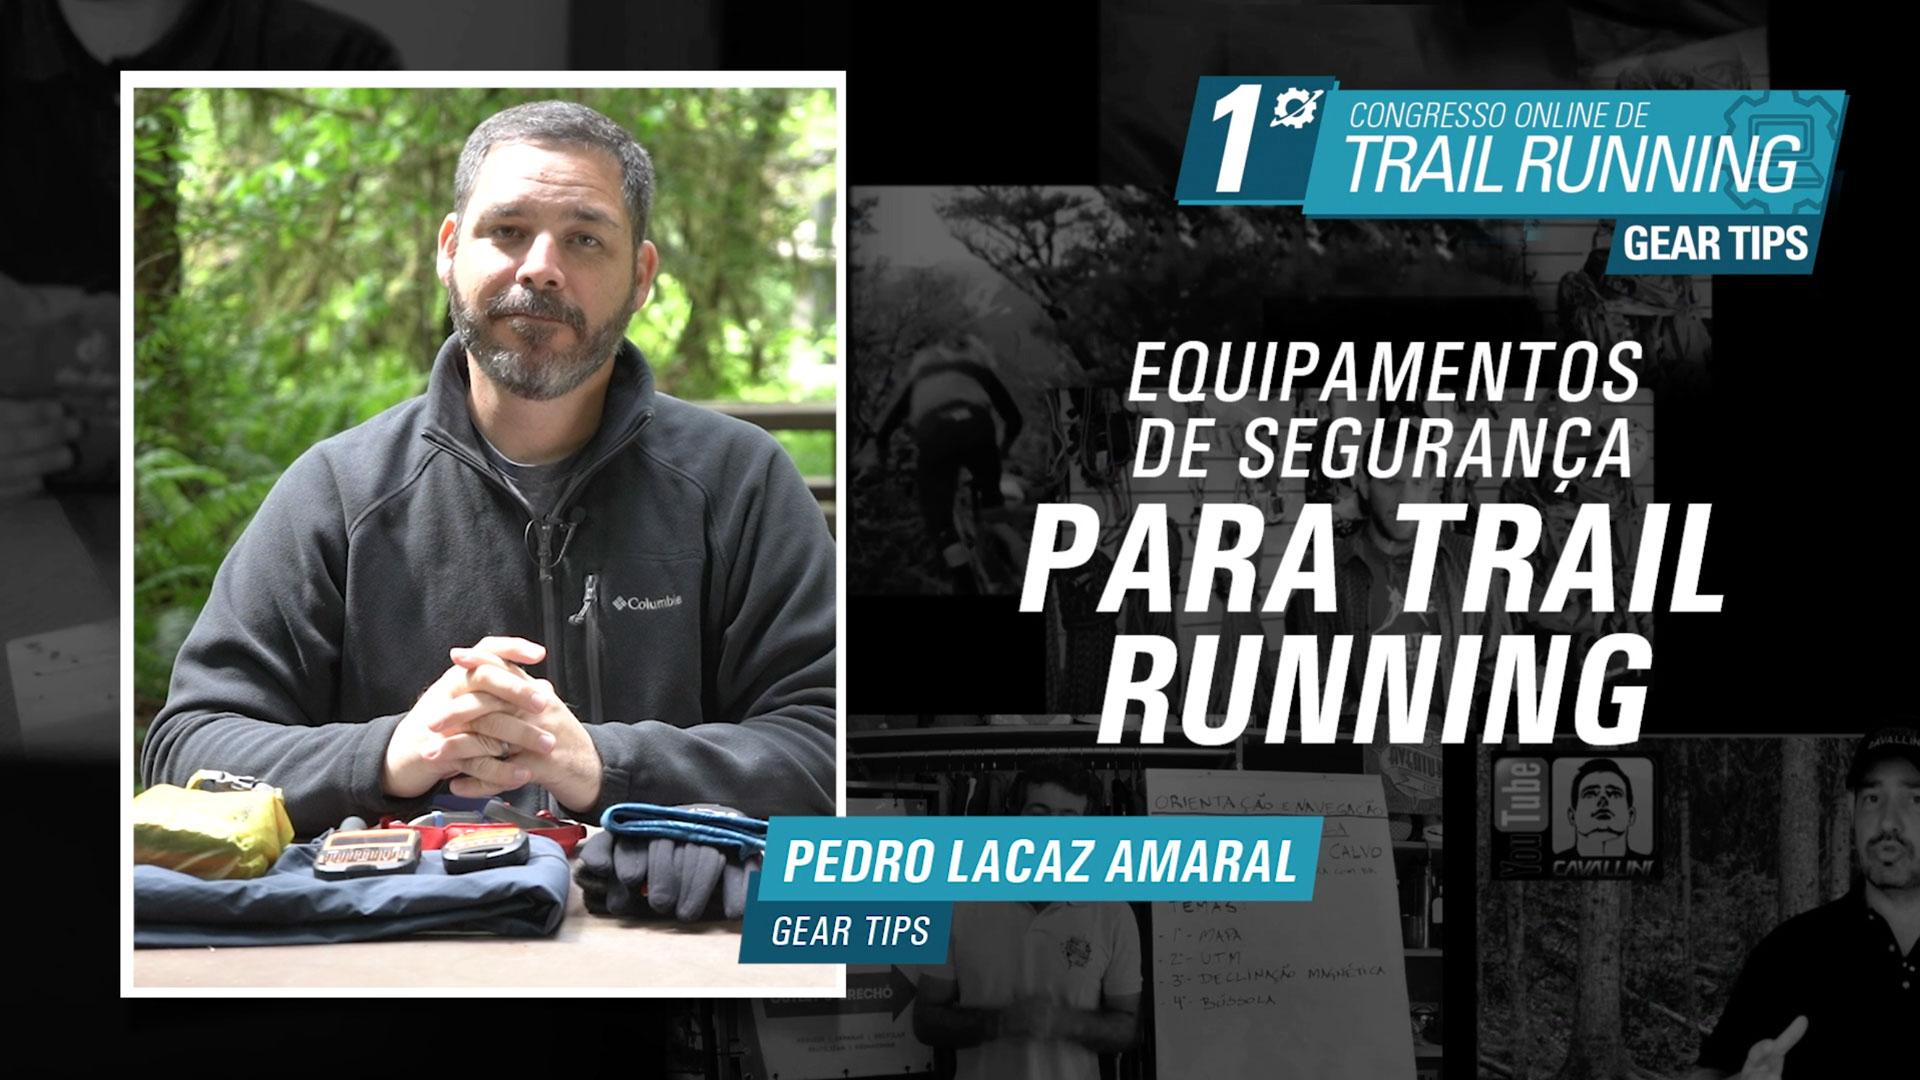 Equipamentos de Segurança para Trail Running - Pedro Lacaz Amaral